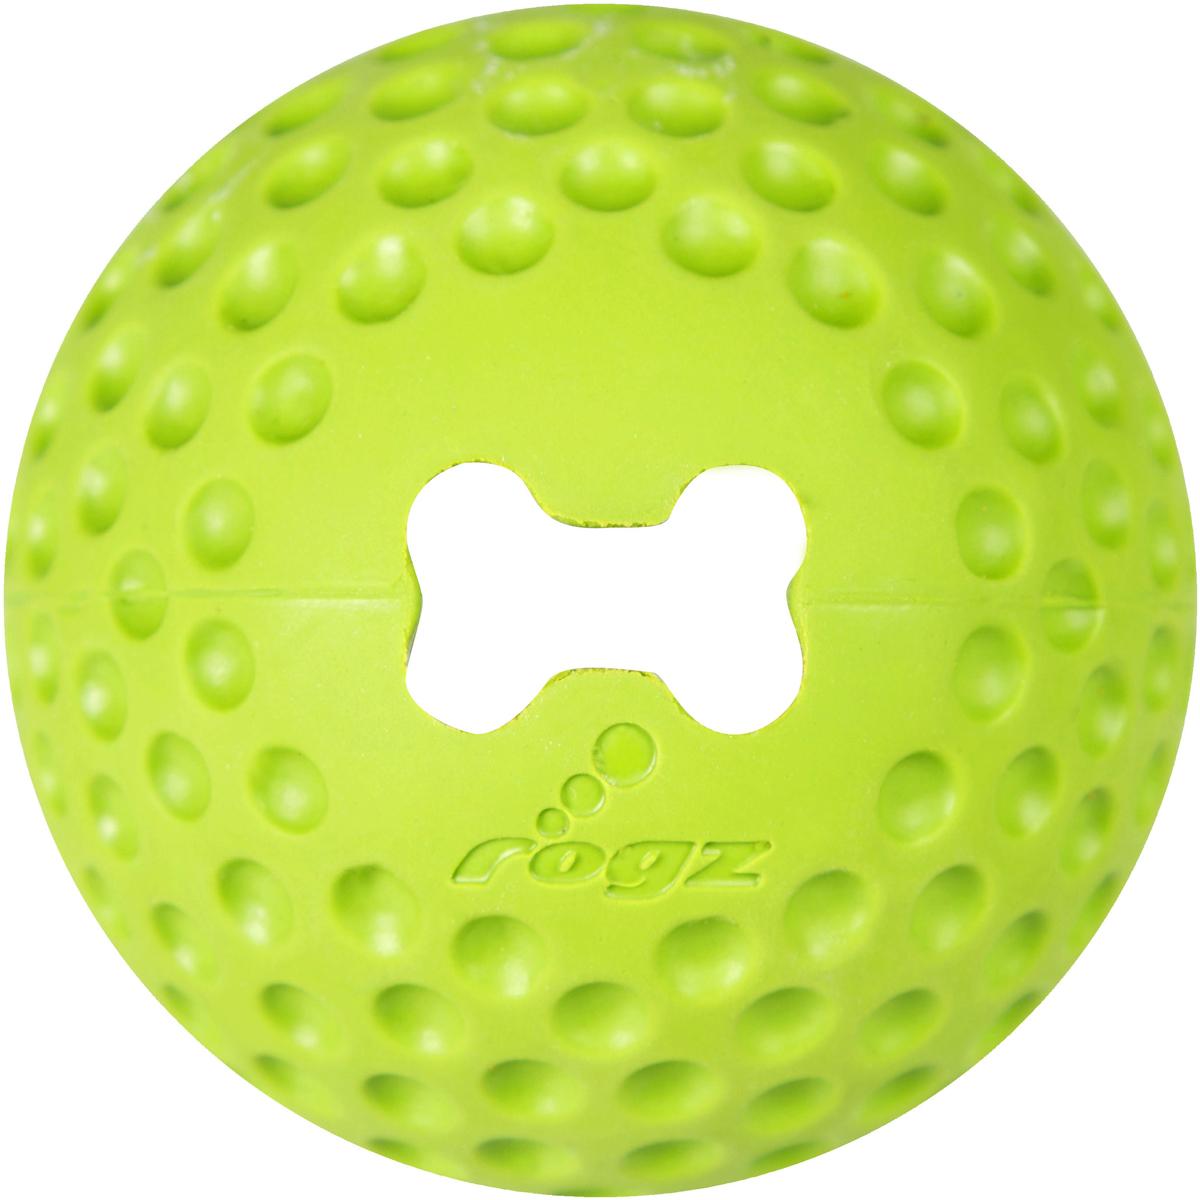 Игрушка для собак Rogz Gumz, с отверстием для лакомства, цвет: лайм, диаметр 6,4 см0120710Игрушка тренирует жевательные мышцы и массирует десны собаке.Отлично подходит для дрессировки, так как есть отверстие для лакомства.Отлично подпрыгивает при играх.Занимательная игрушка выдерживает долгое жевание и разгрызание.Материал изделия: 85 % натуральной резины, 15 % синтетической резины.Не токсичен. 85% натуральная резина, 15% искусственный каучук.